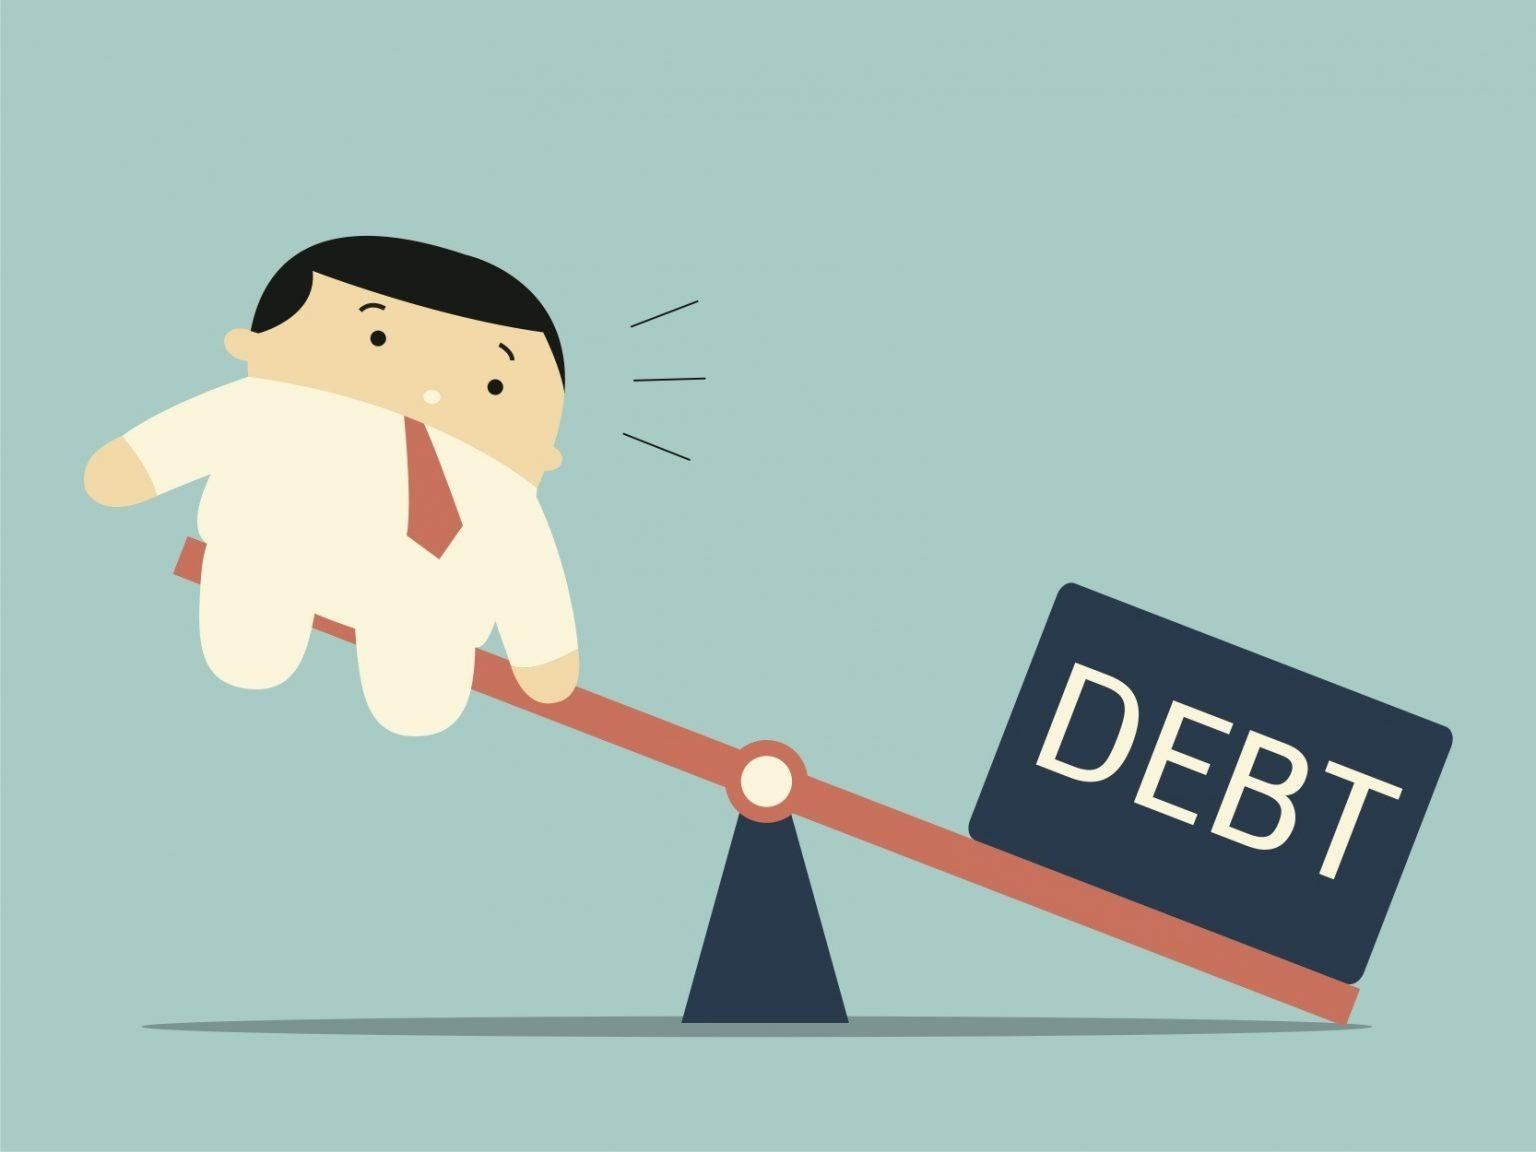 những khoản nợ phải trả